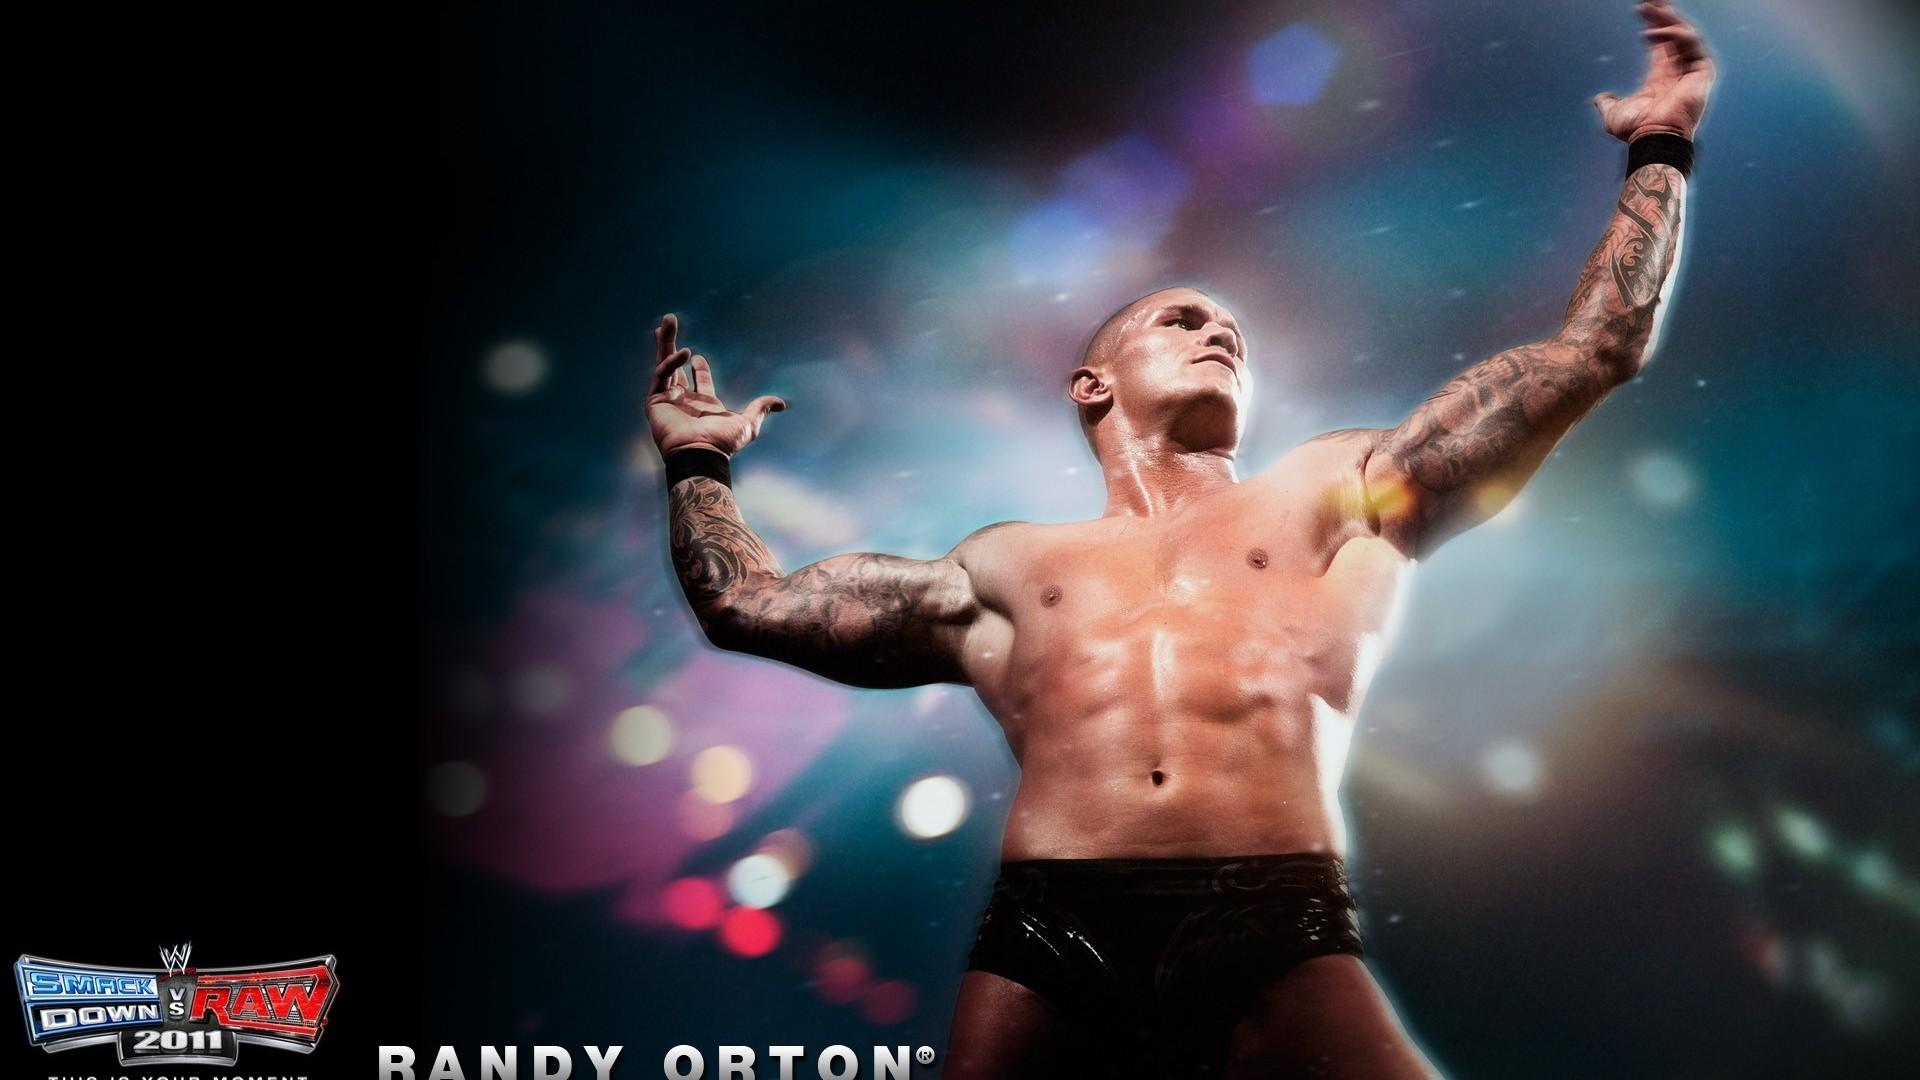 Wwe Desktop Randy Orton Wallpaper – MixHD wallpapers